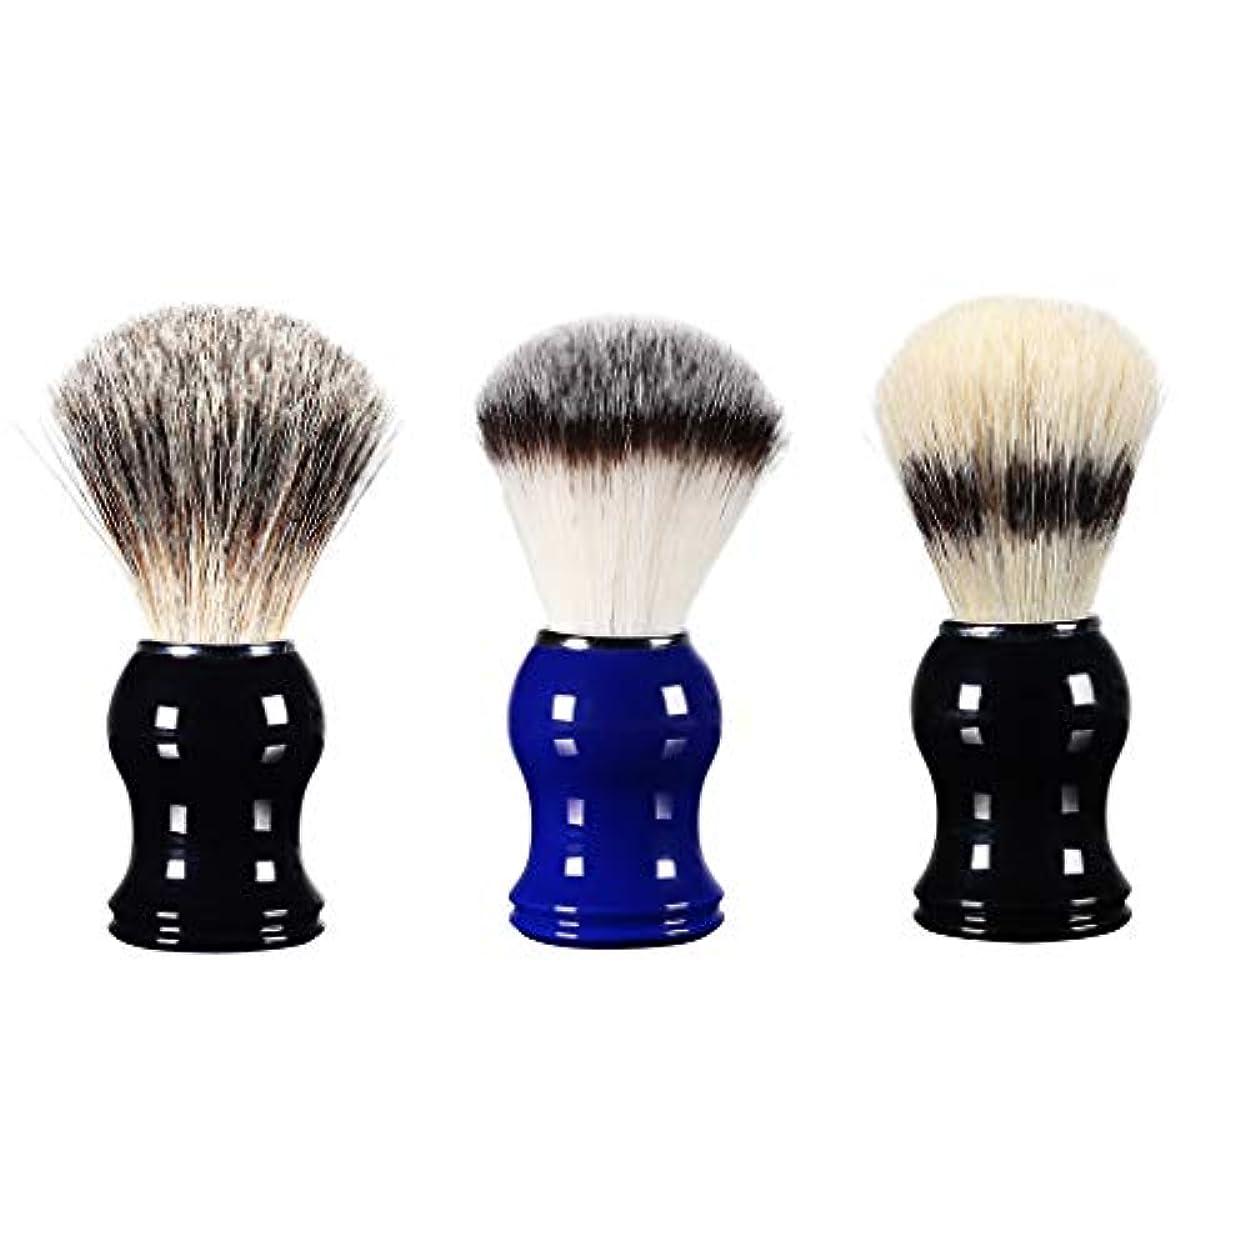 個人的な影響を受けやすいですスラダムsharprepublic メンズ用 髭剃り シェービングブラシ 樹脂ハ ンドル 理容 洗顔 髭剃り 男性 ギフト 3個入